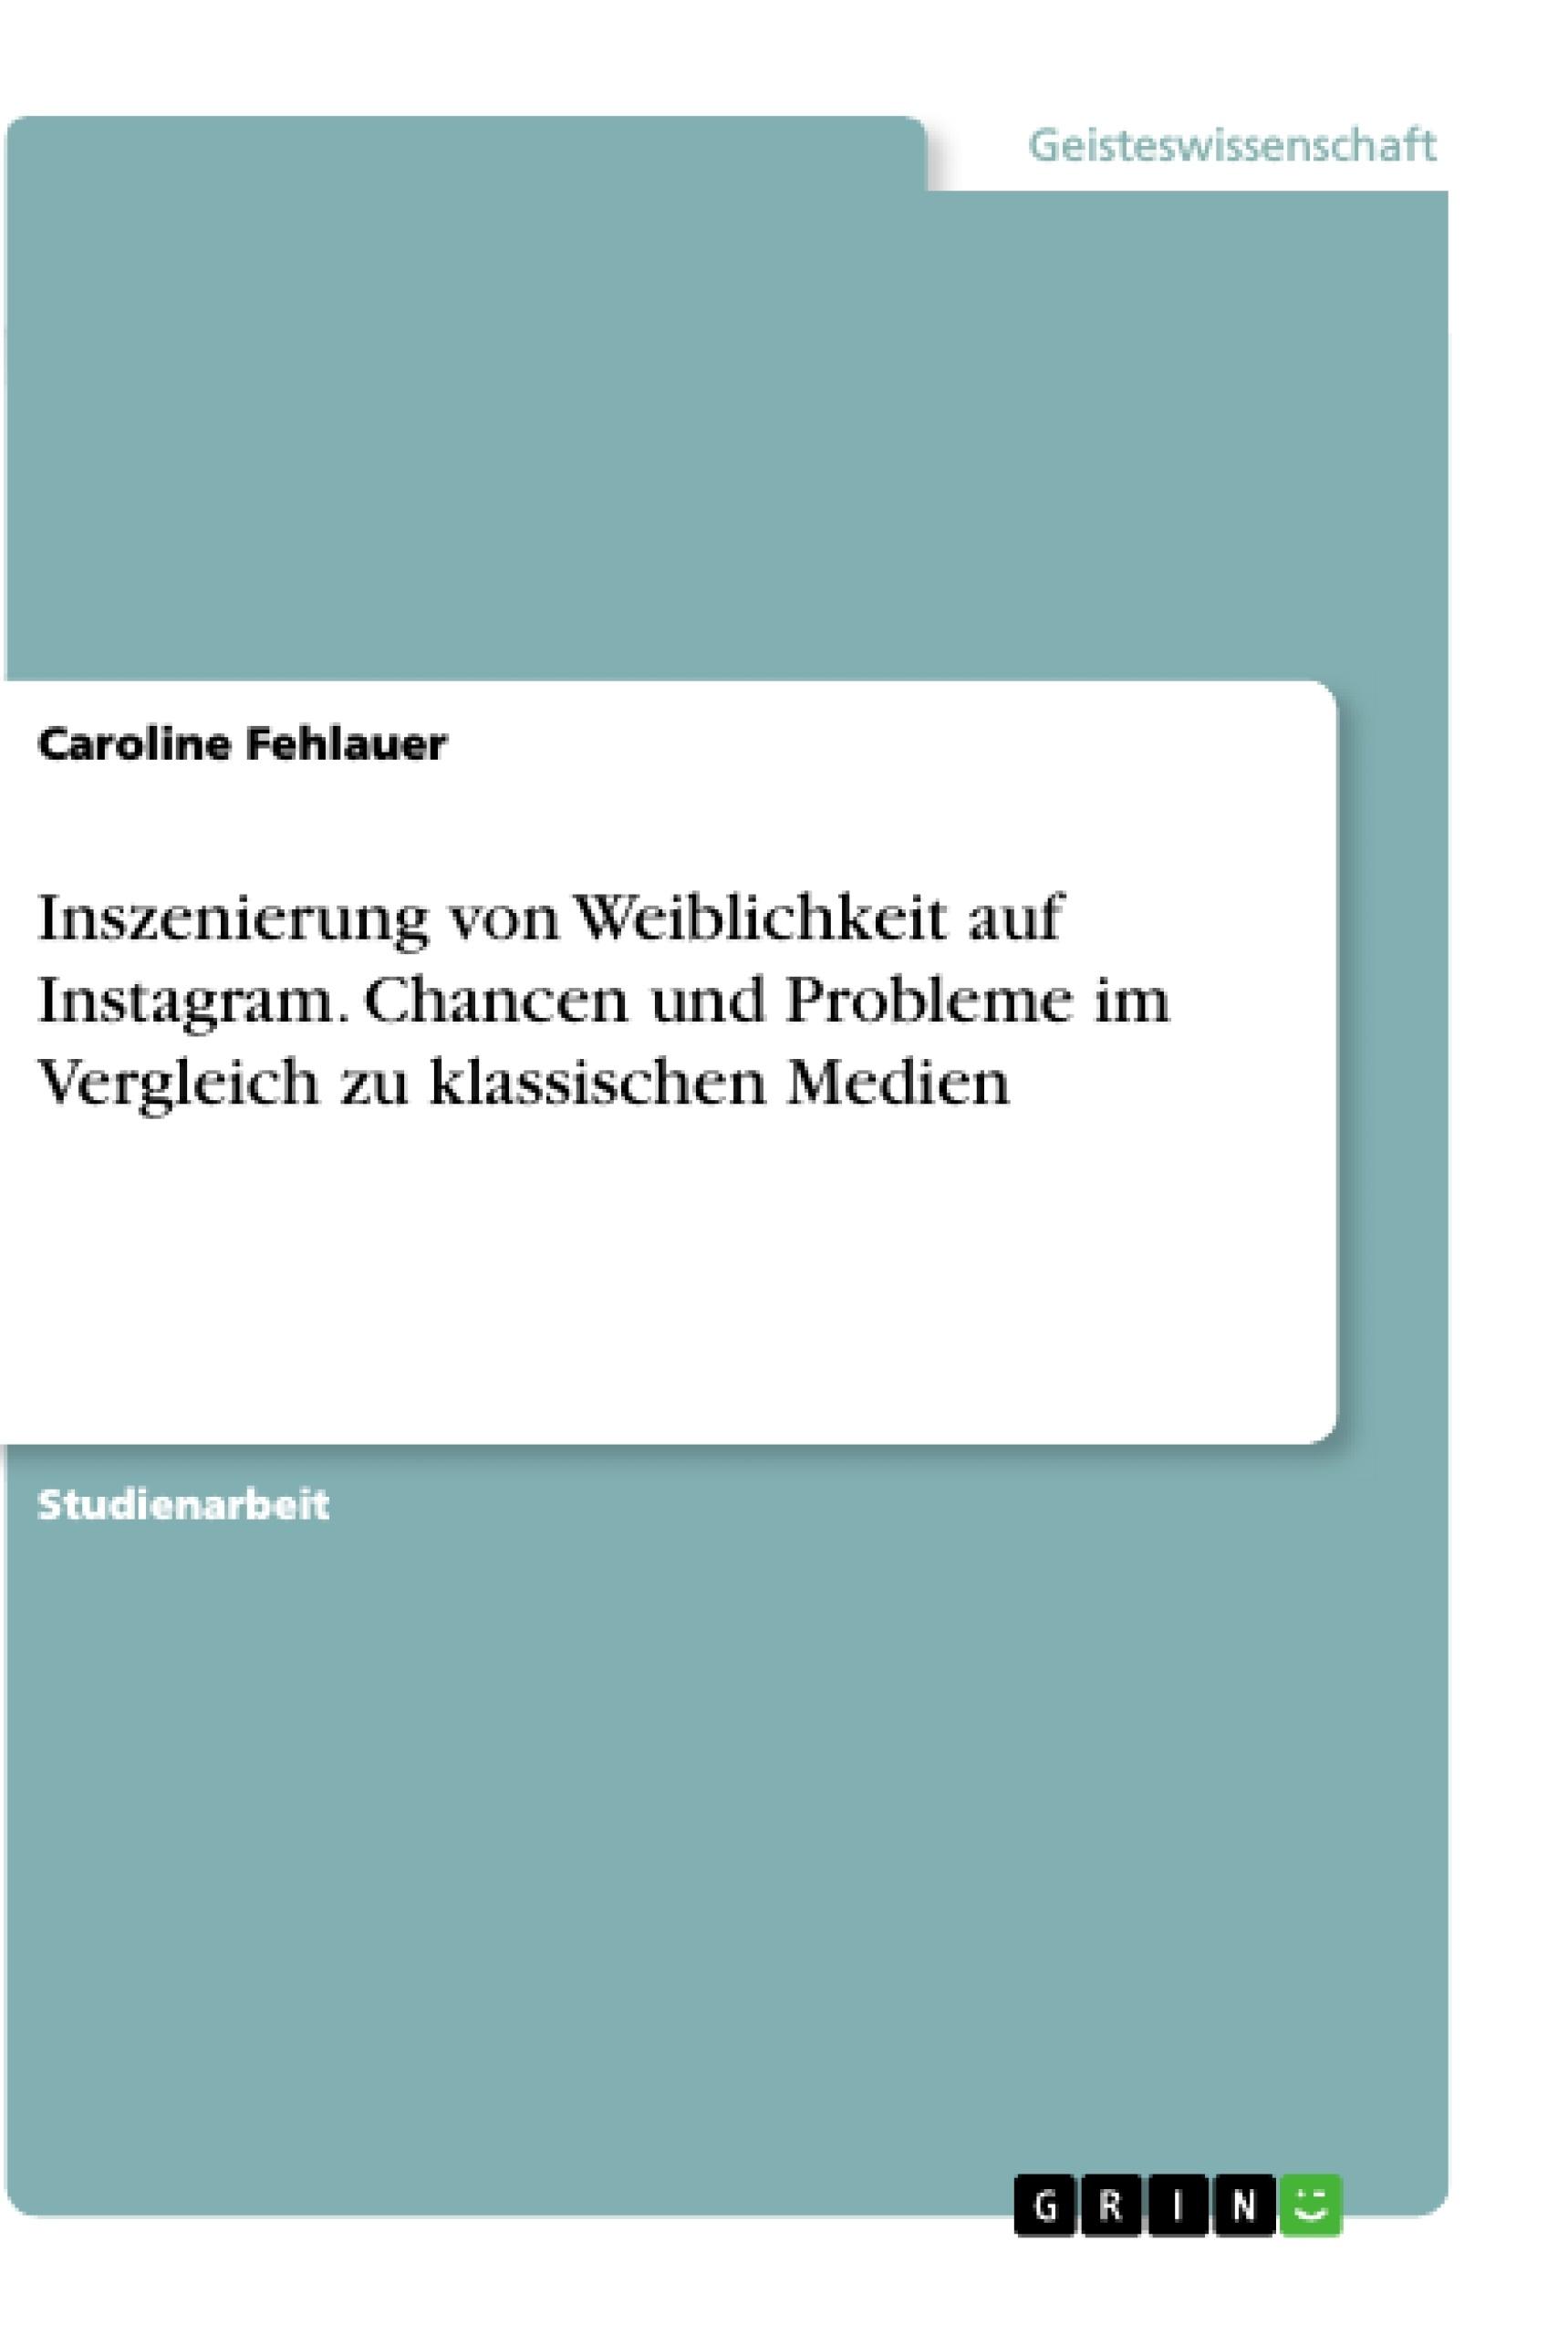 Titel: Inszenierung von Weiblichkeit auf Instagram. Chancen und Probleme im Vergleich zu klassischen Medien